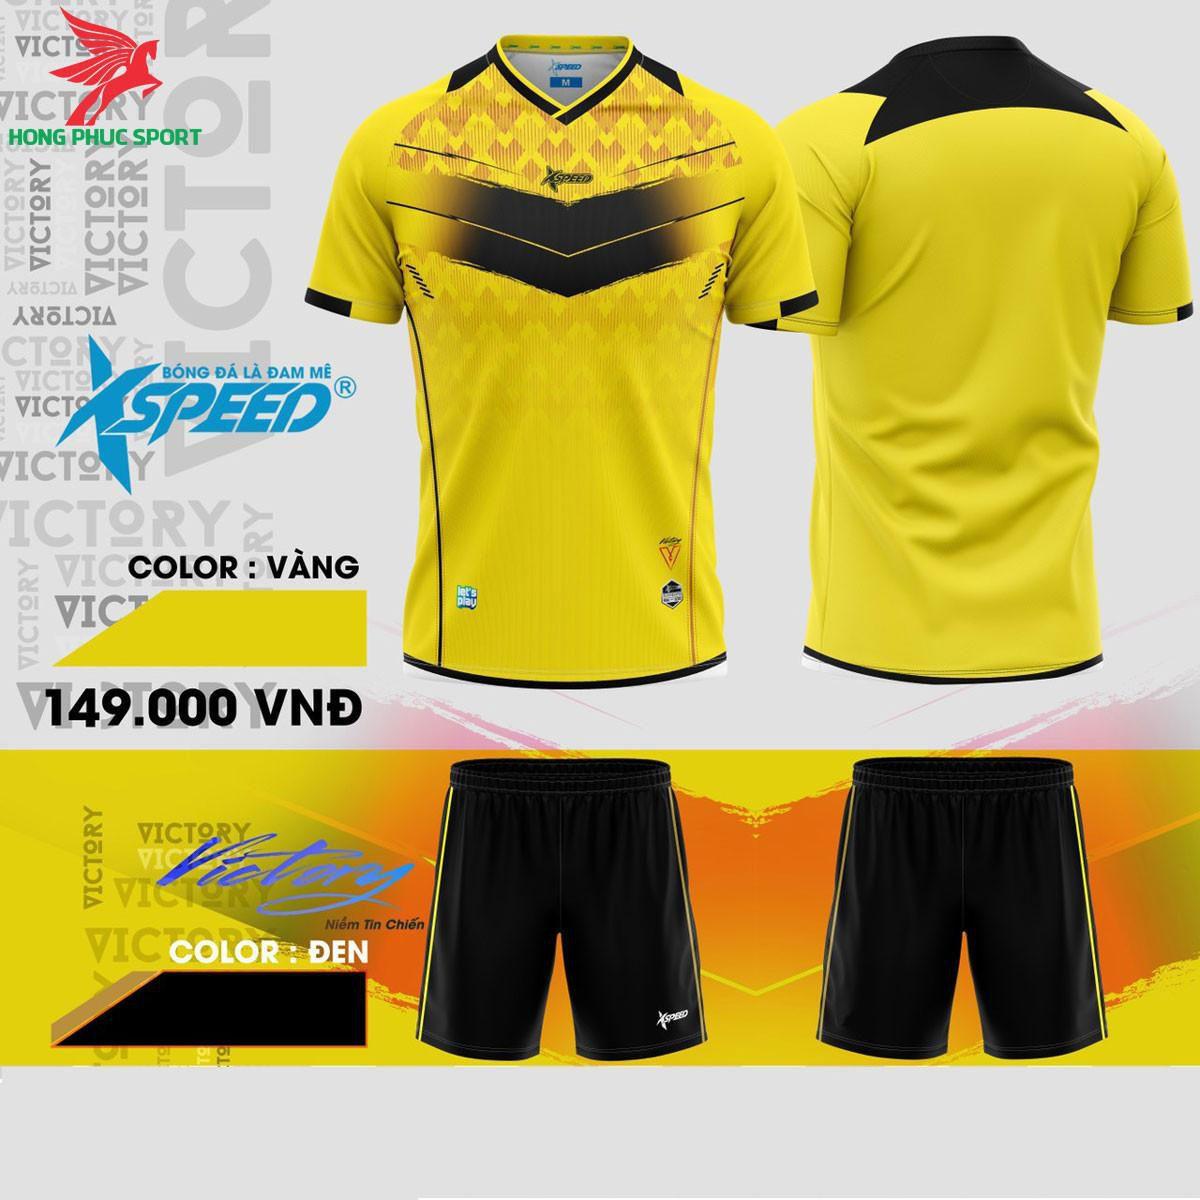 https://cdn.hongphucsport.com/unsafe/s4.shopbay.vn/files/285/ao-khong-logo-xspeed-victory-mau-vang-60516bdc98e5c.jpg